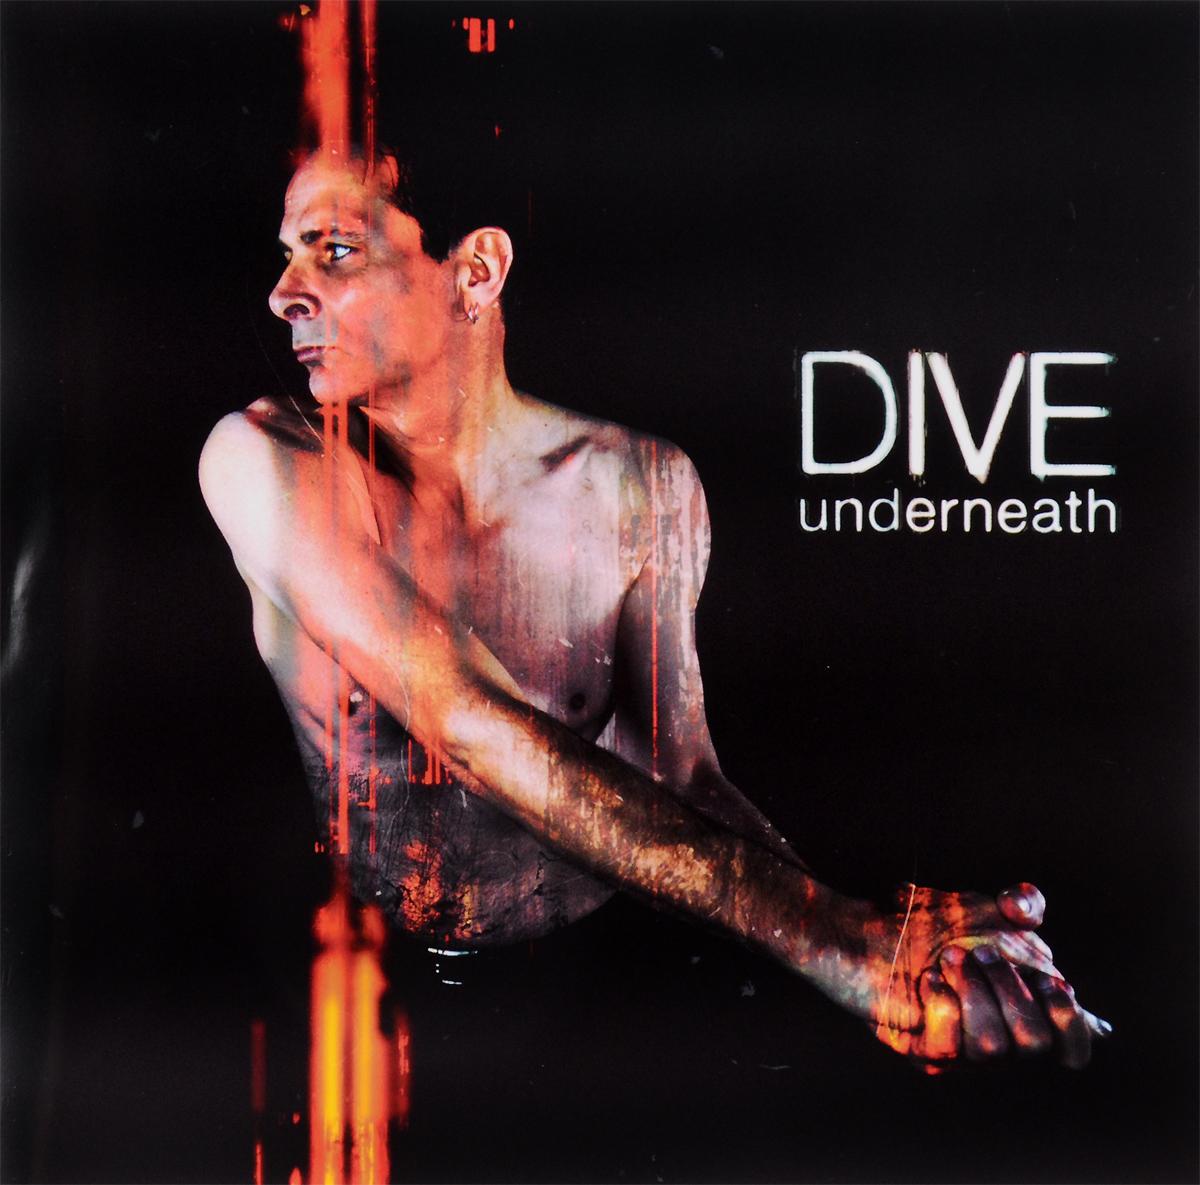 Dive Dive. Underneath dive